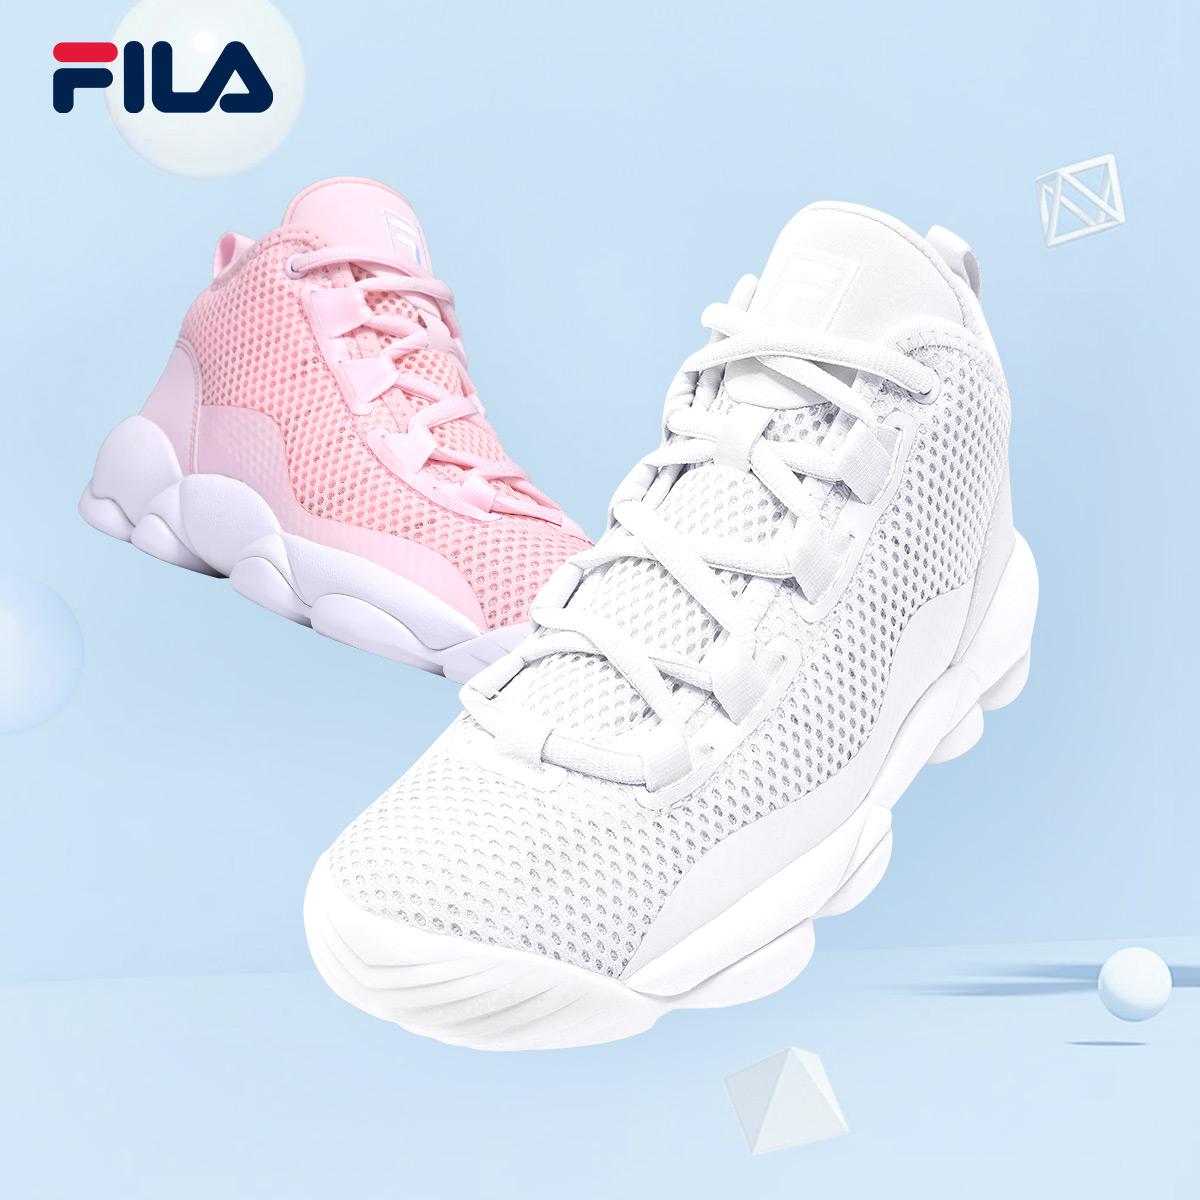 Обувь FILA Fila BB 2018 женская обувь новый товар новинка  воздухопроницаемый Кроссовки для баскетбола для отдыха 54fd07d086b2c